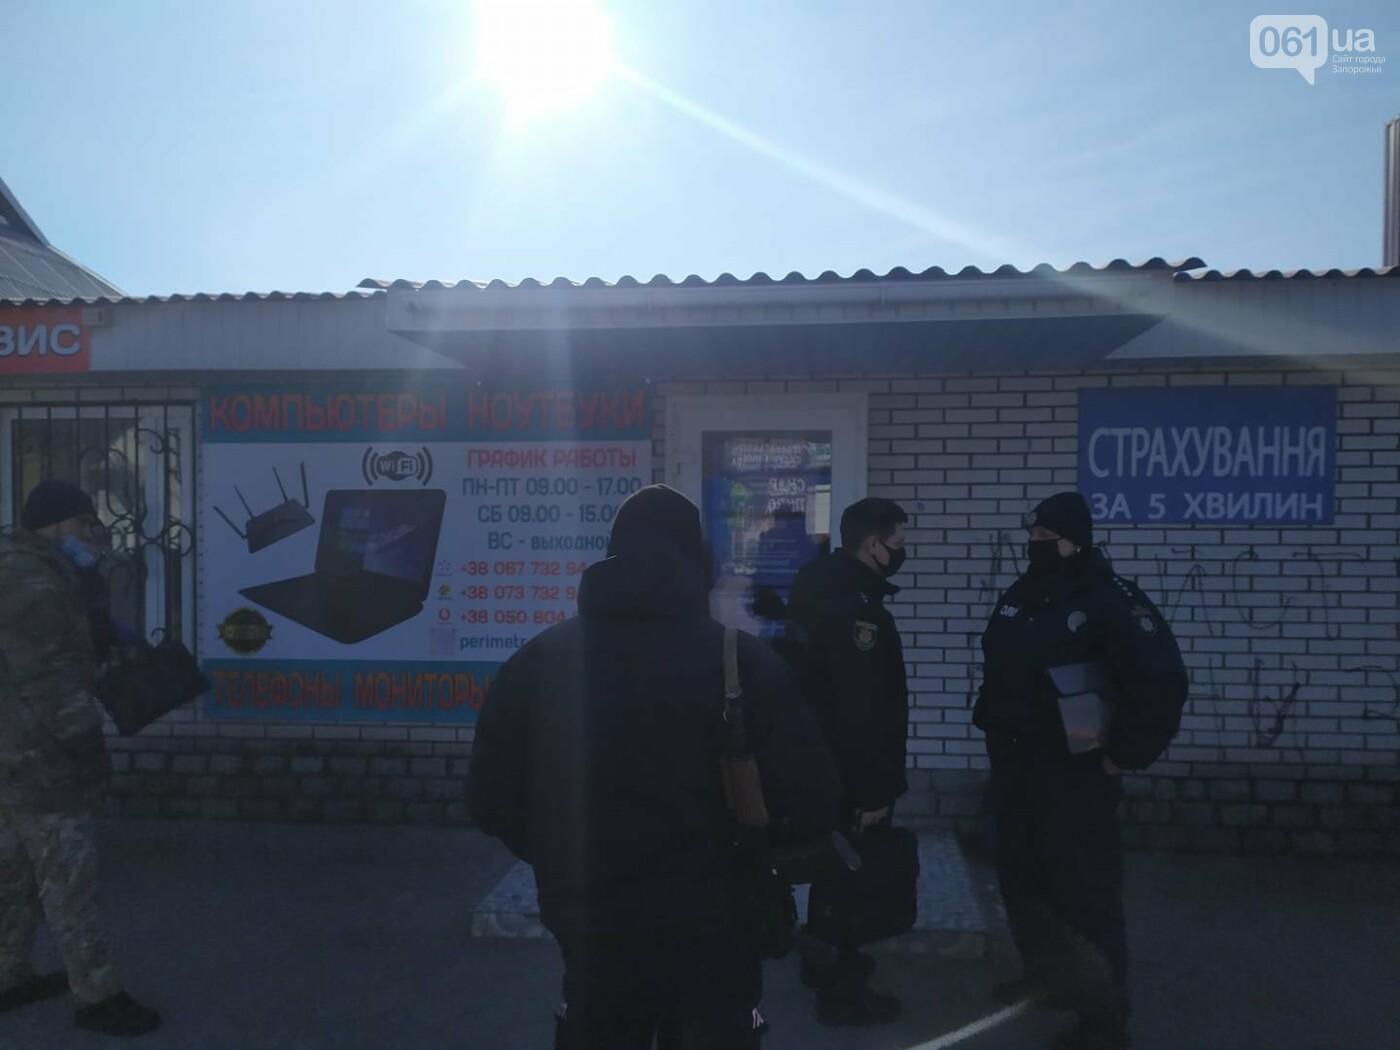 Под Запорожьем снова напали на приемную депутата облсовета - в полиции открыли уголовное производство , фото-6